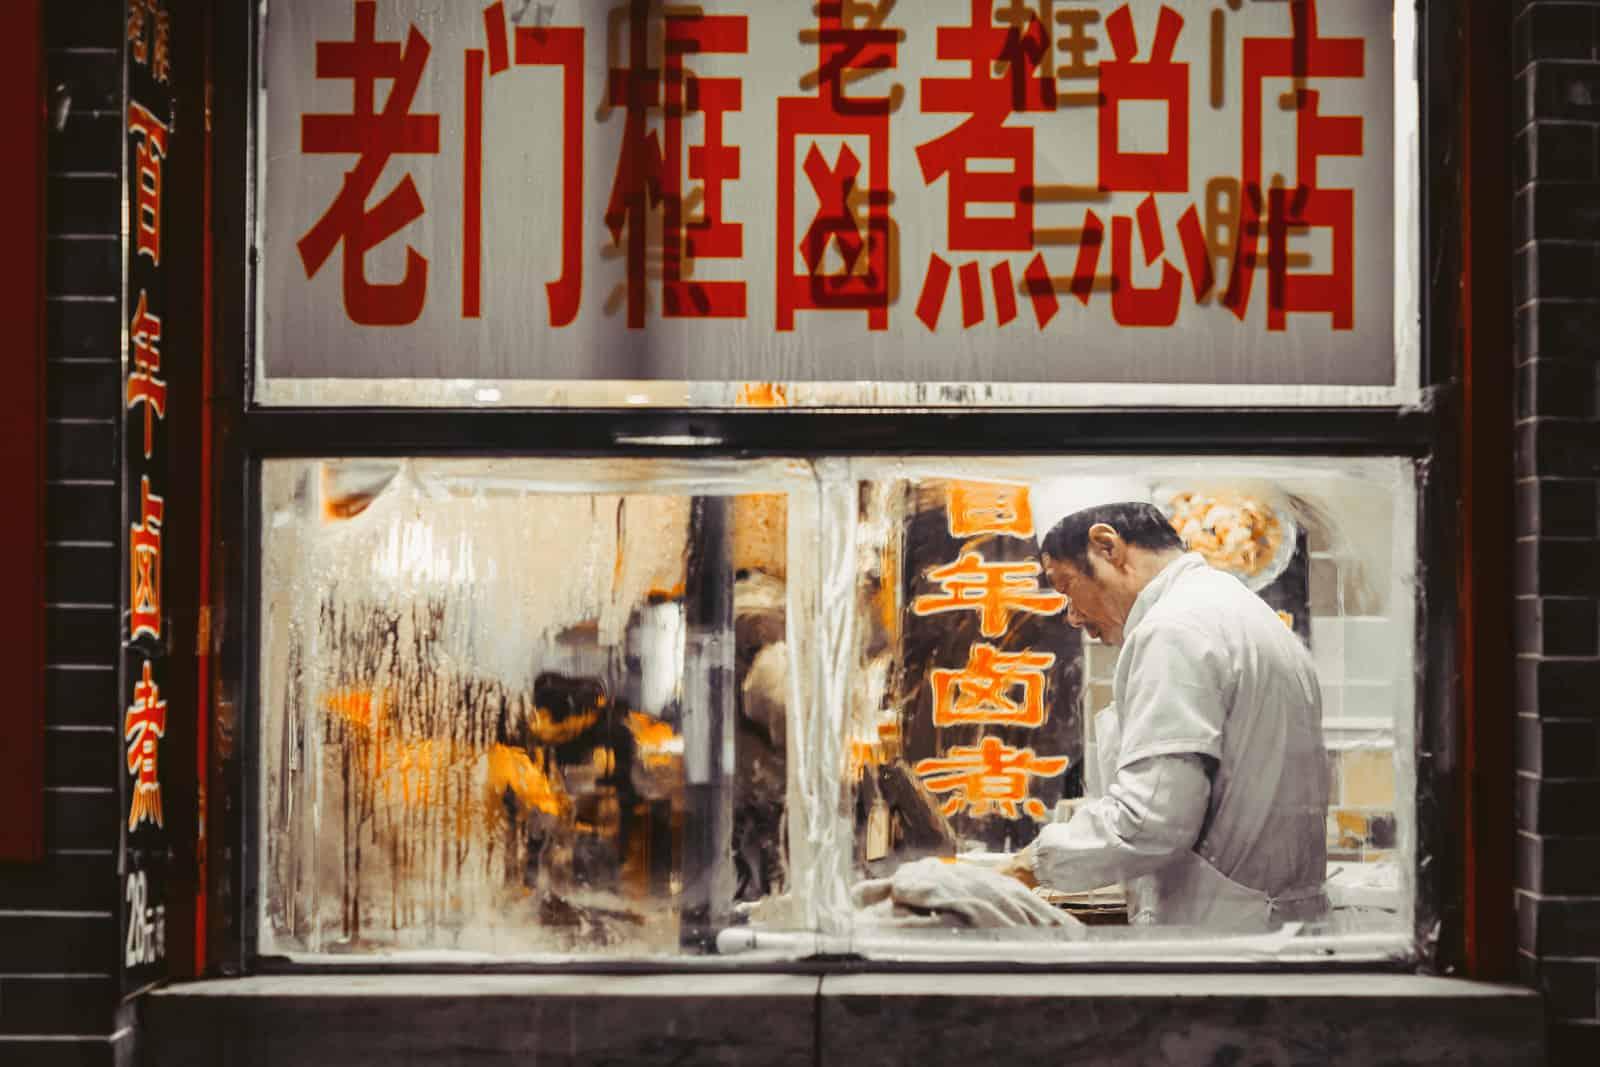 Yabancılar İçin Çin'de Çalışmak İçin En İyi Şirketler